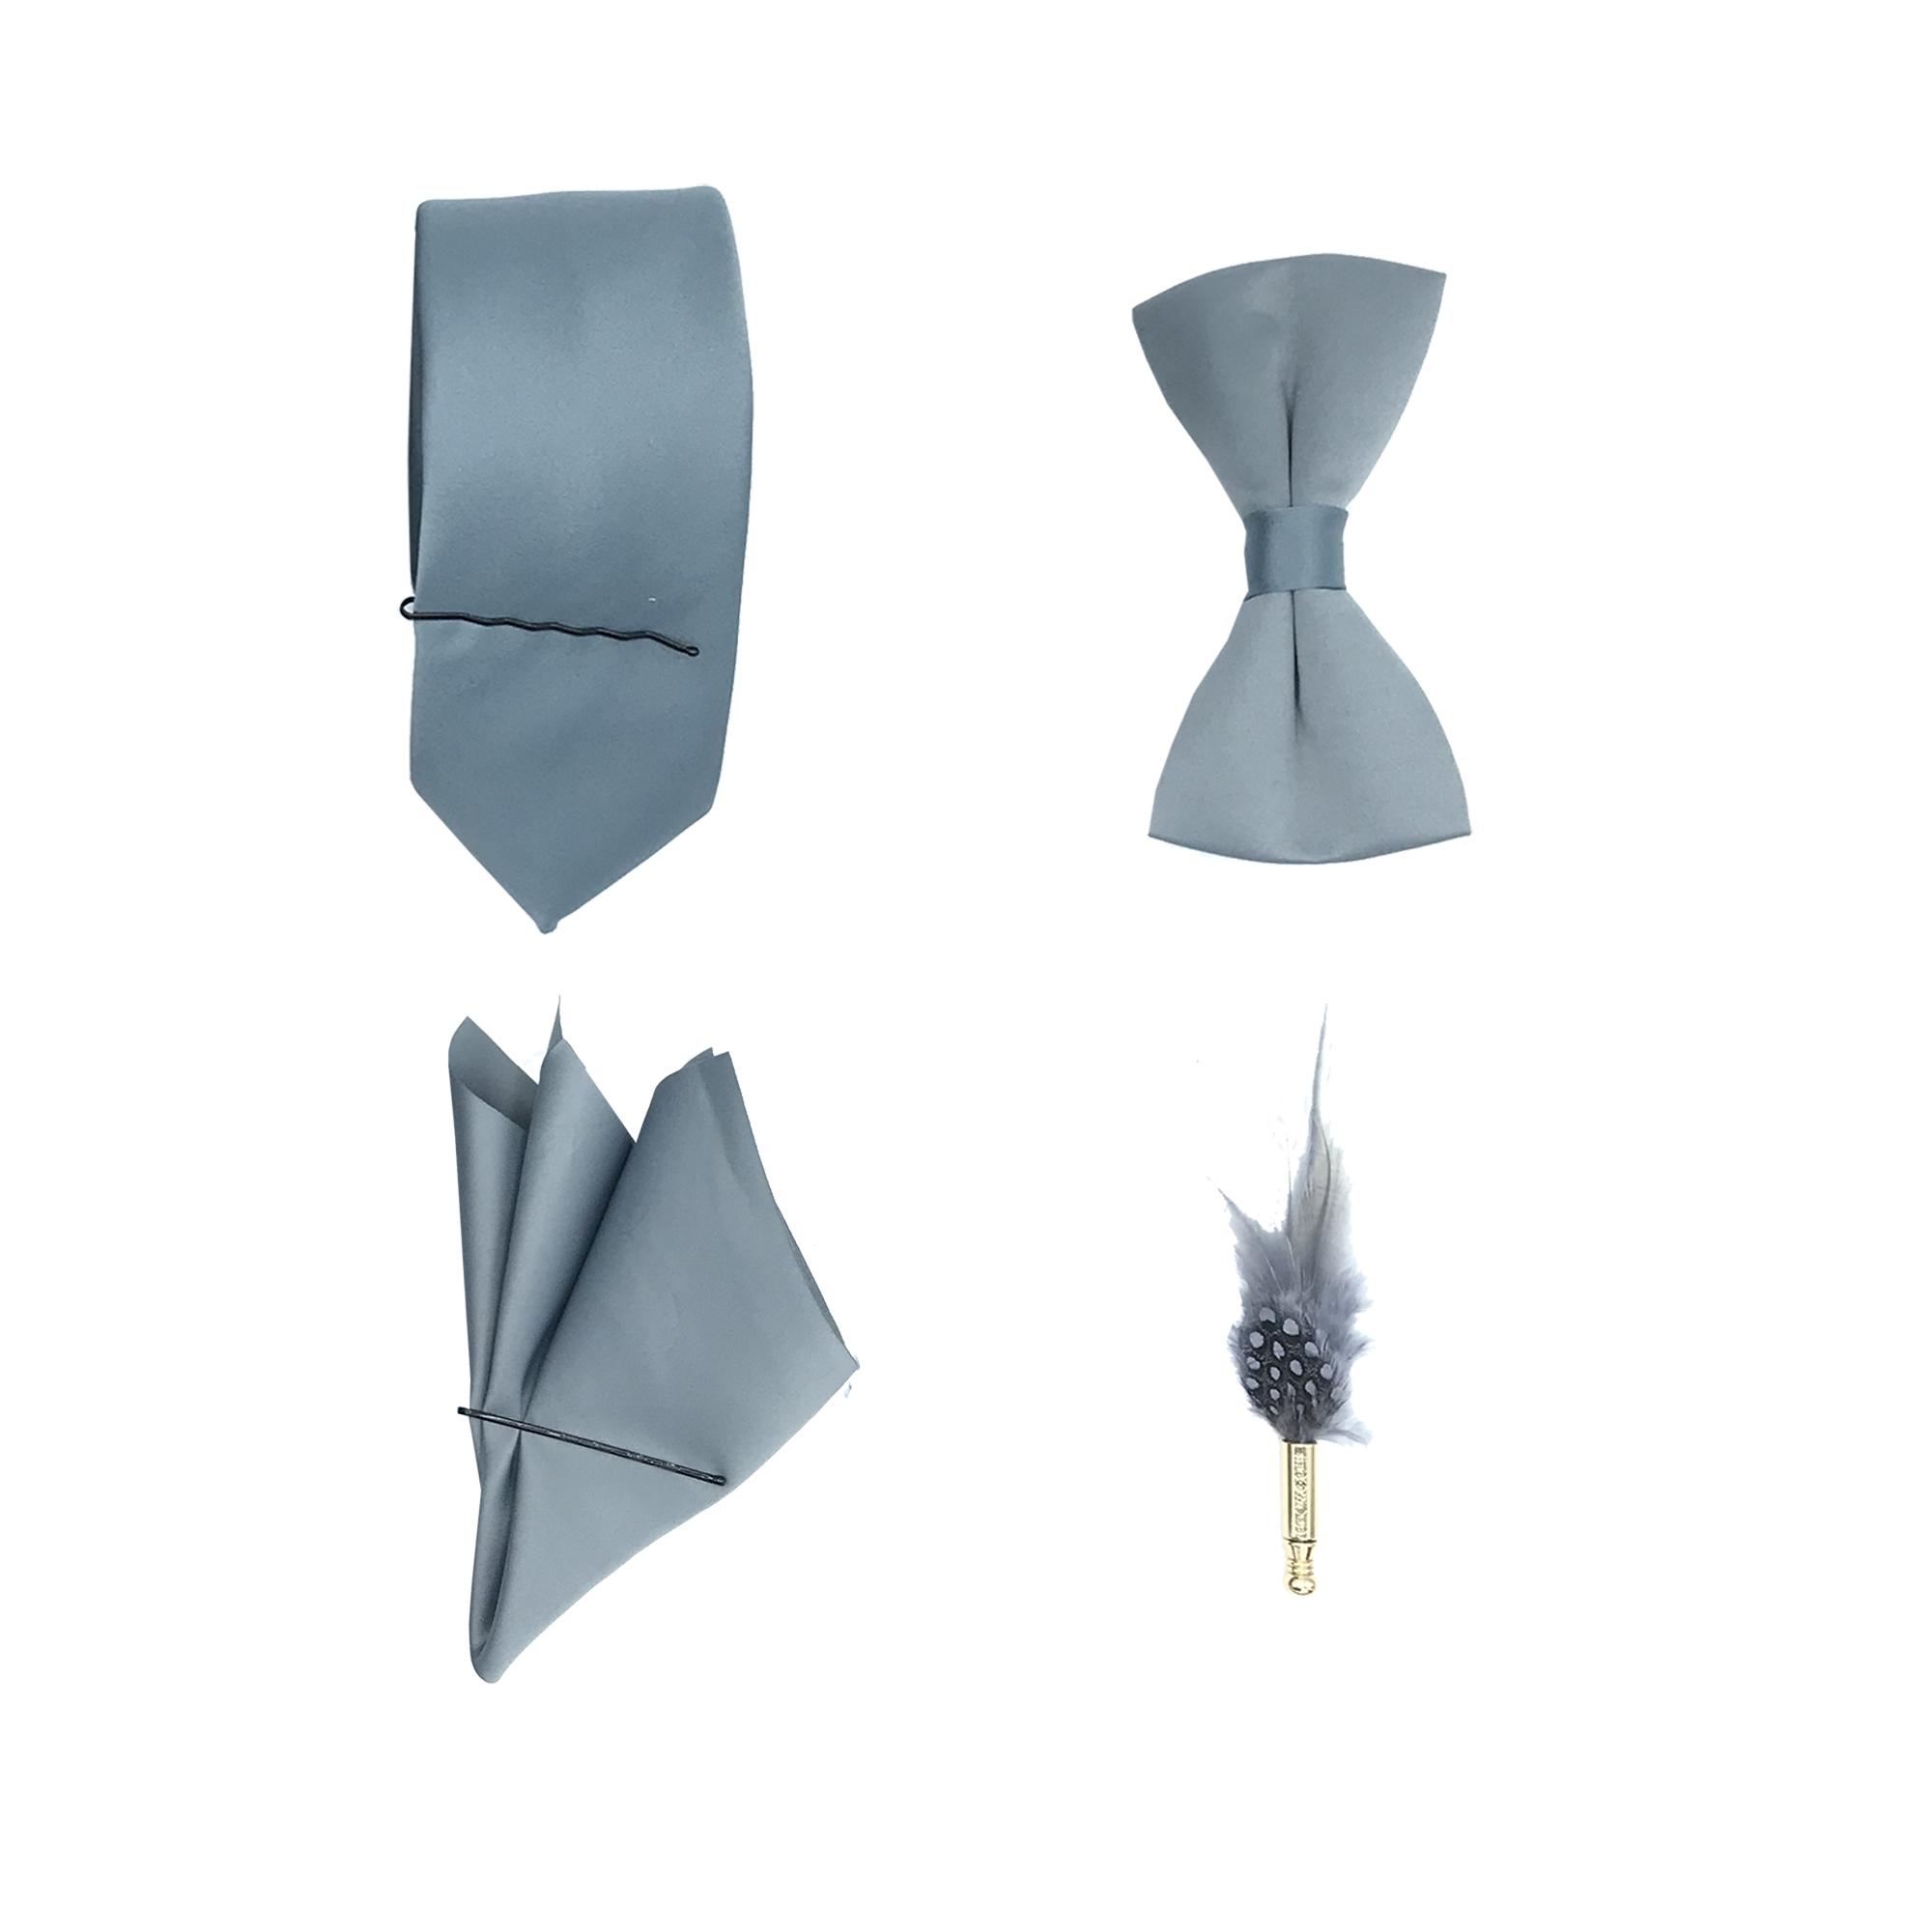 ست کراوات پاپیون دستمال جیب و گل کت مدل KPDG-1003